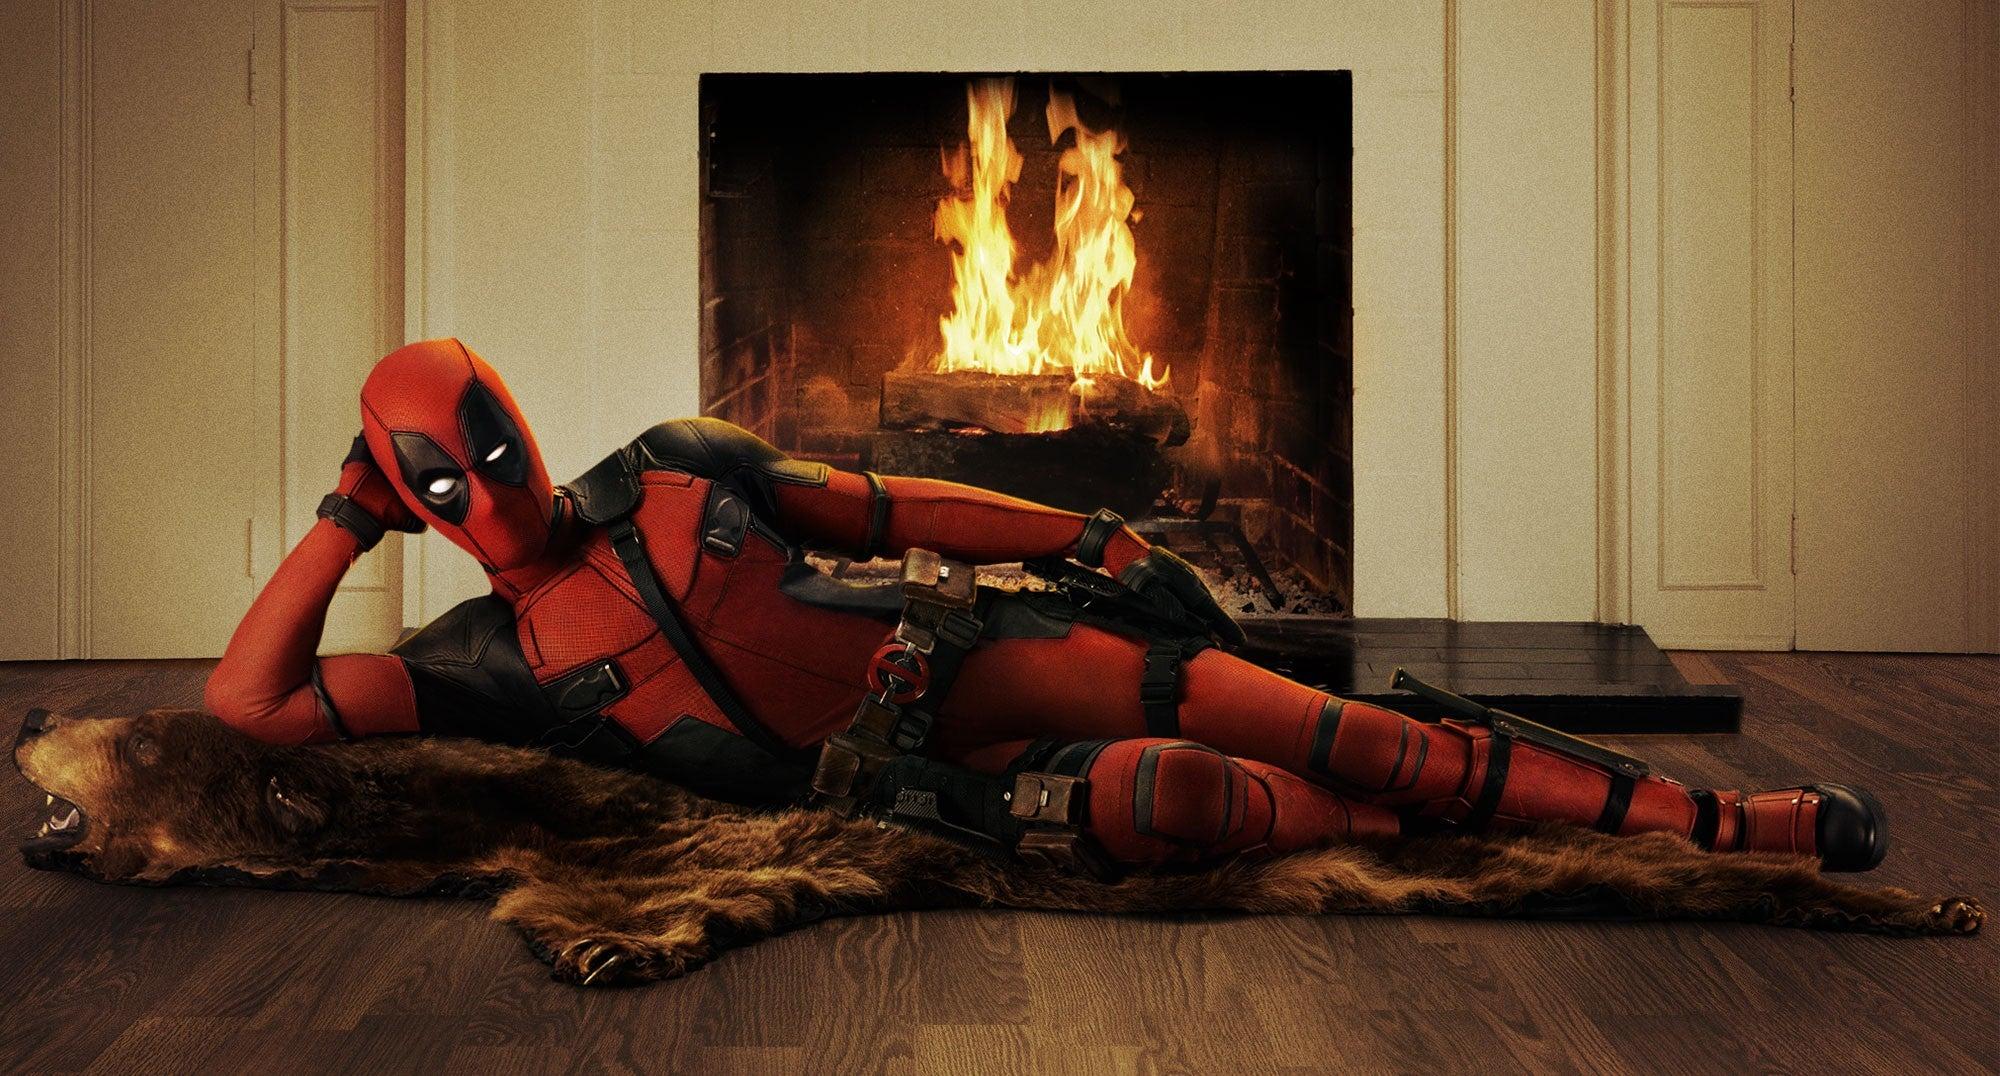 Deadpool 2: Ryan Reynolds shares first look at Zazie Beetz as ...